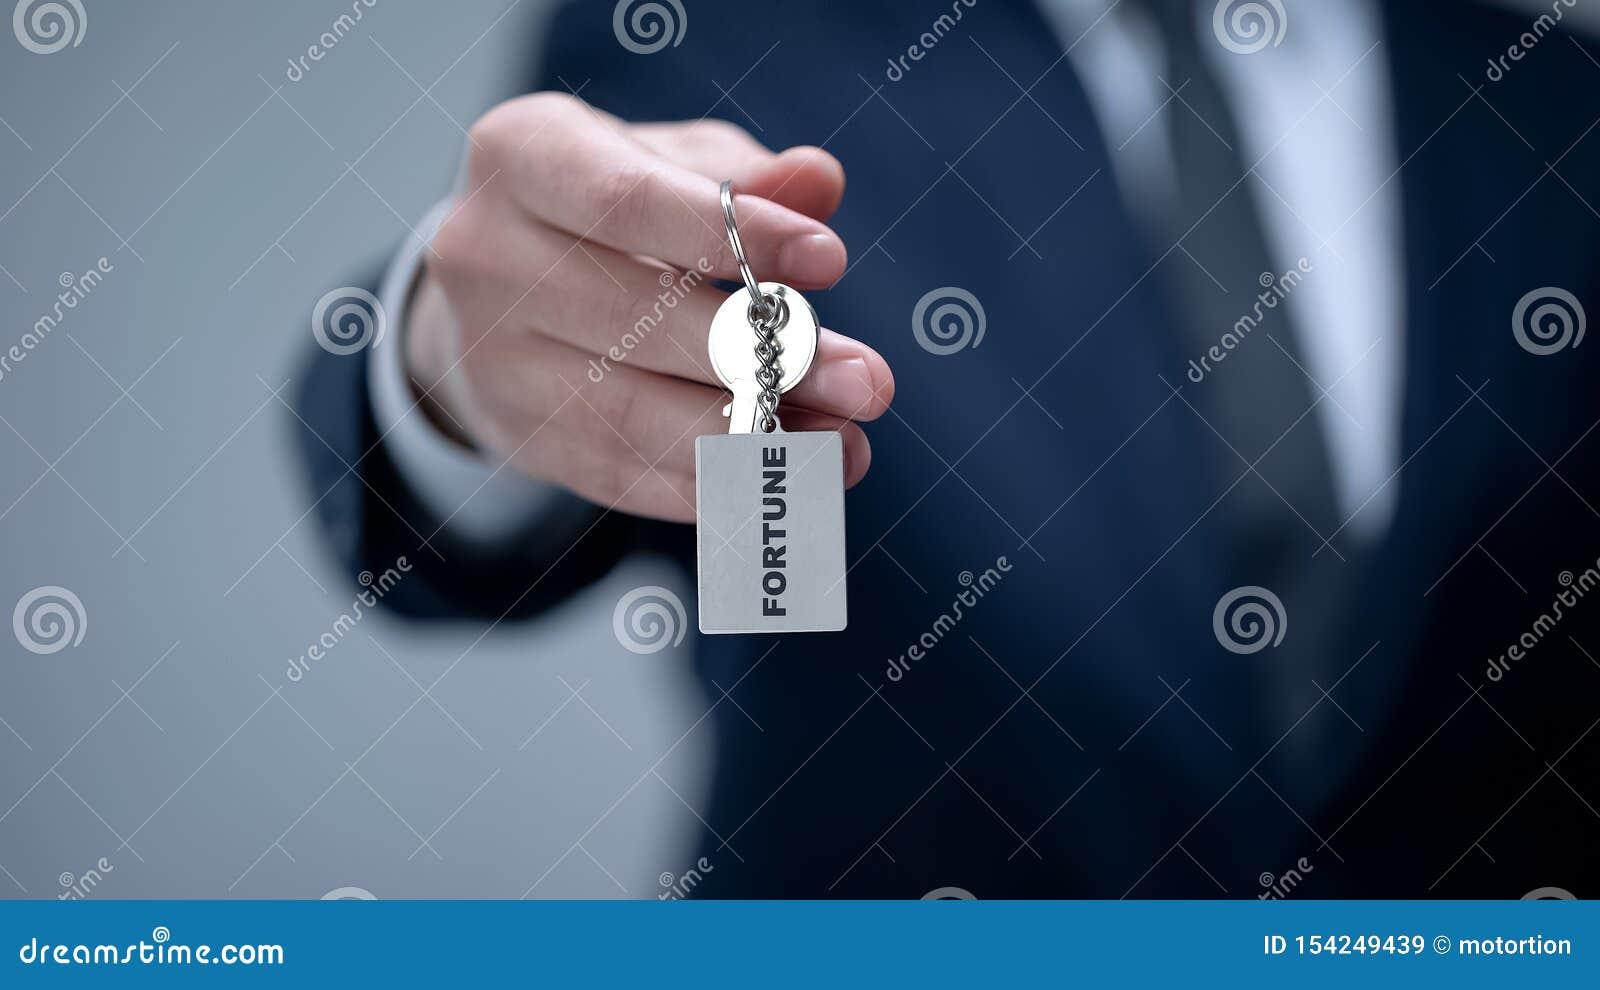 Palabra de la fortuna en llavero en la mano del hombre de negocios, secreto dominante del futuro acertado